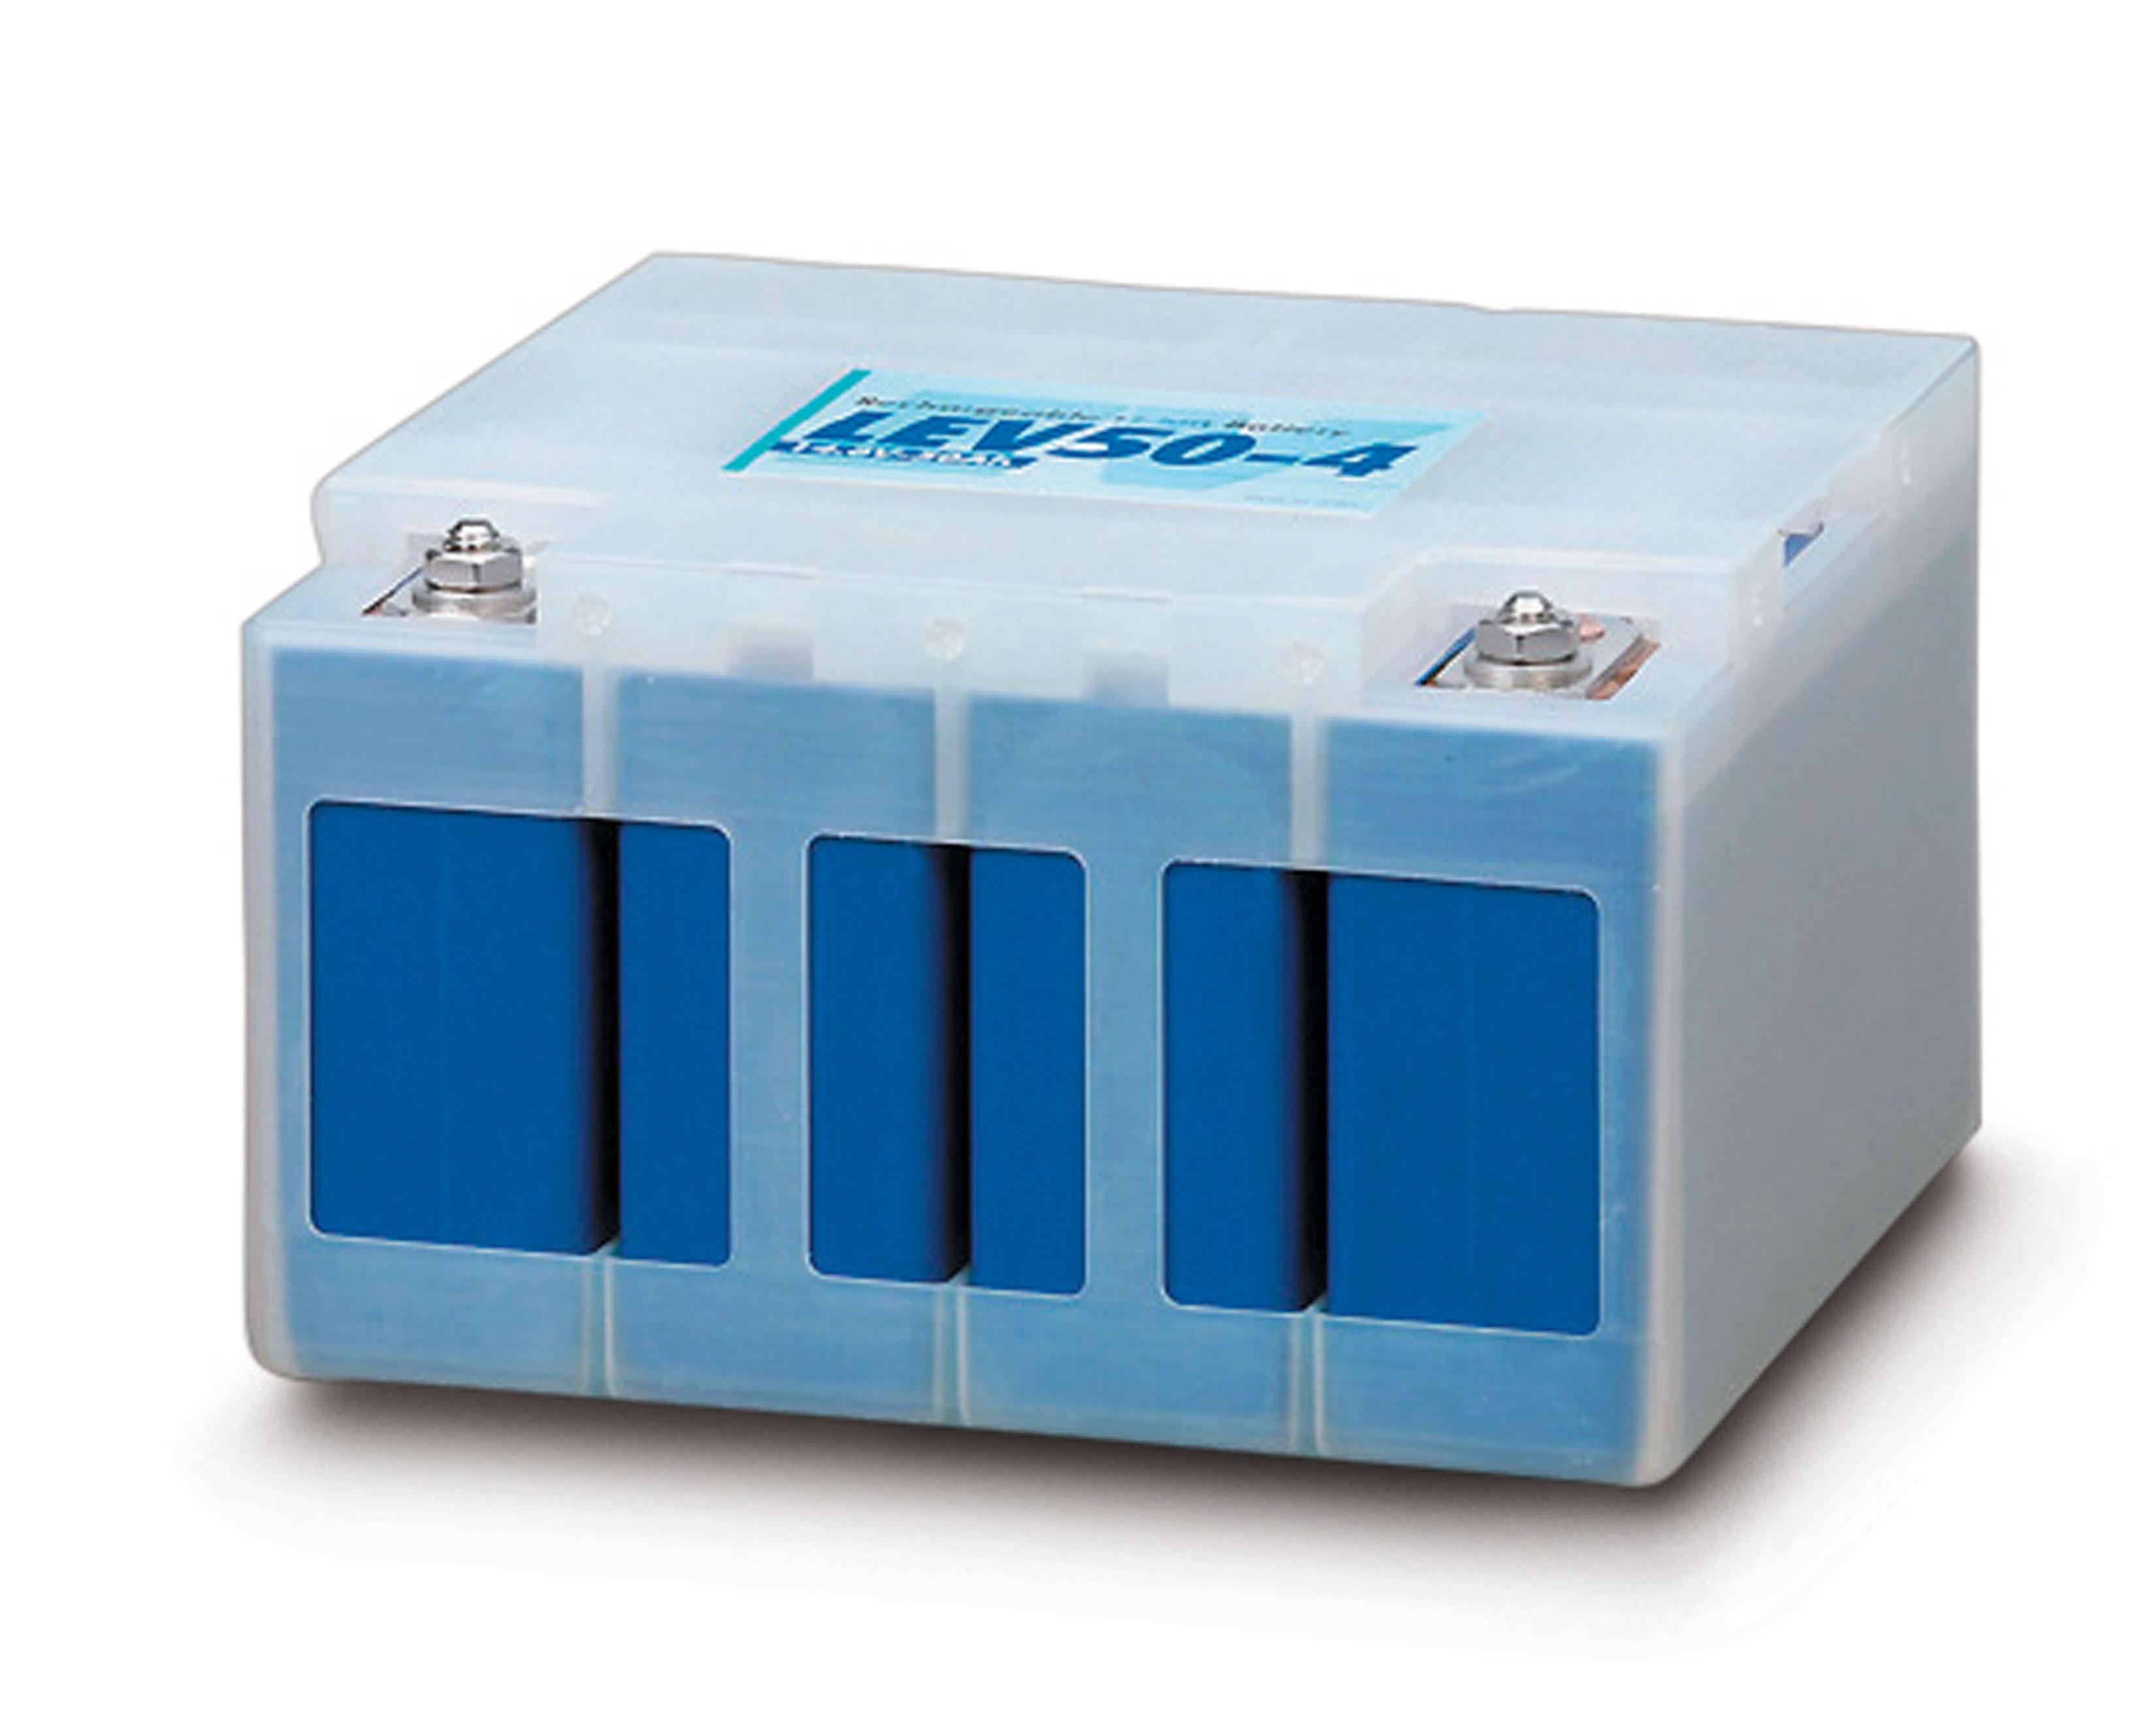 привиты возрасту, силовые аккумуляторы для электро машин период берегу